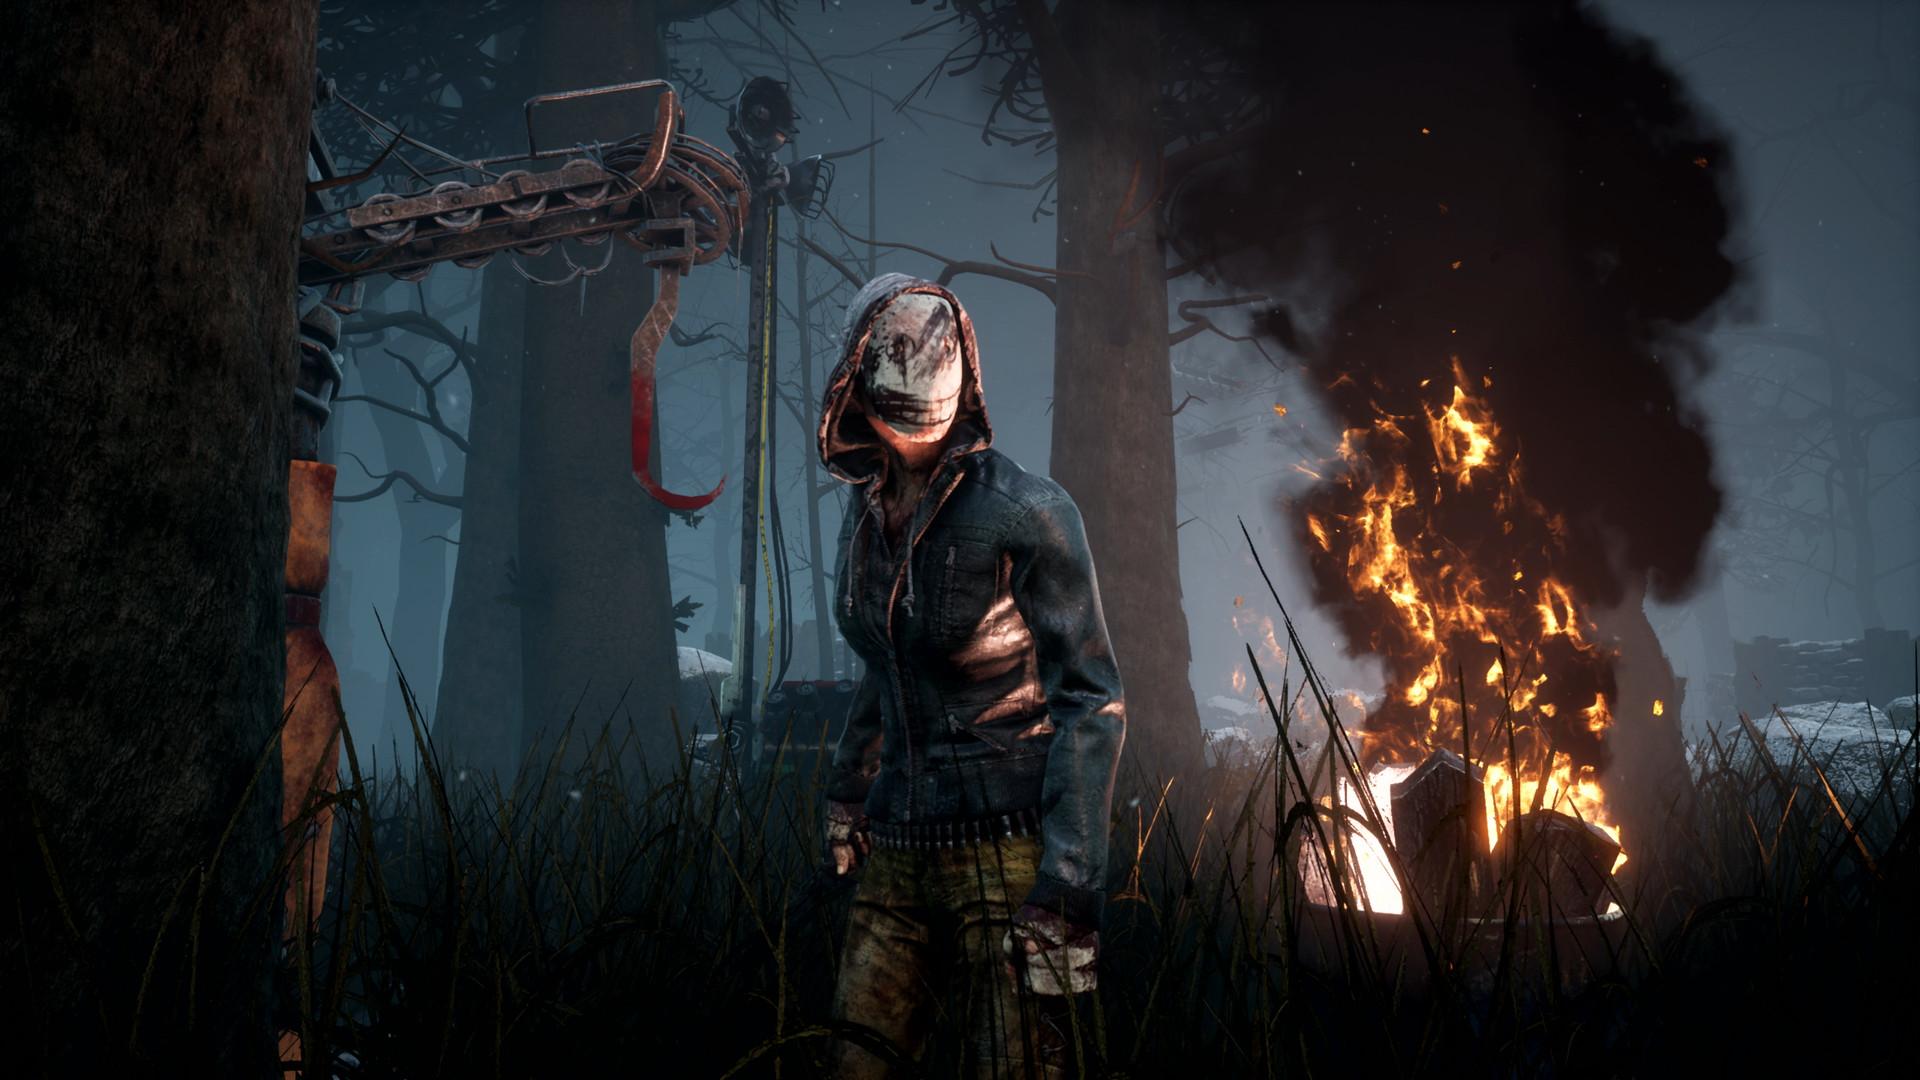 ผู้สร้าง Dead by Daylight กำลังพัฒนาเกมใหม่